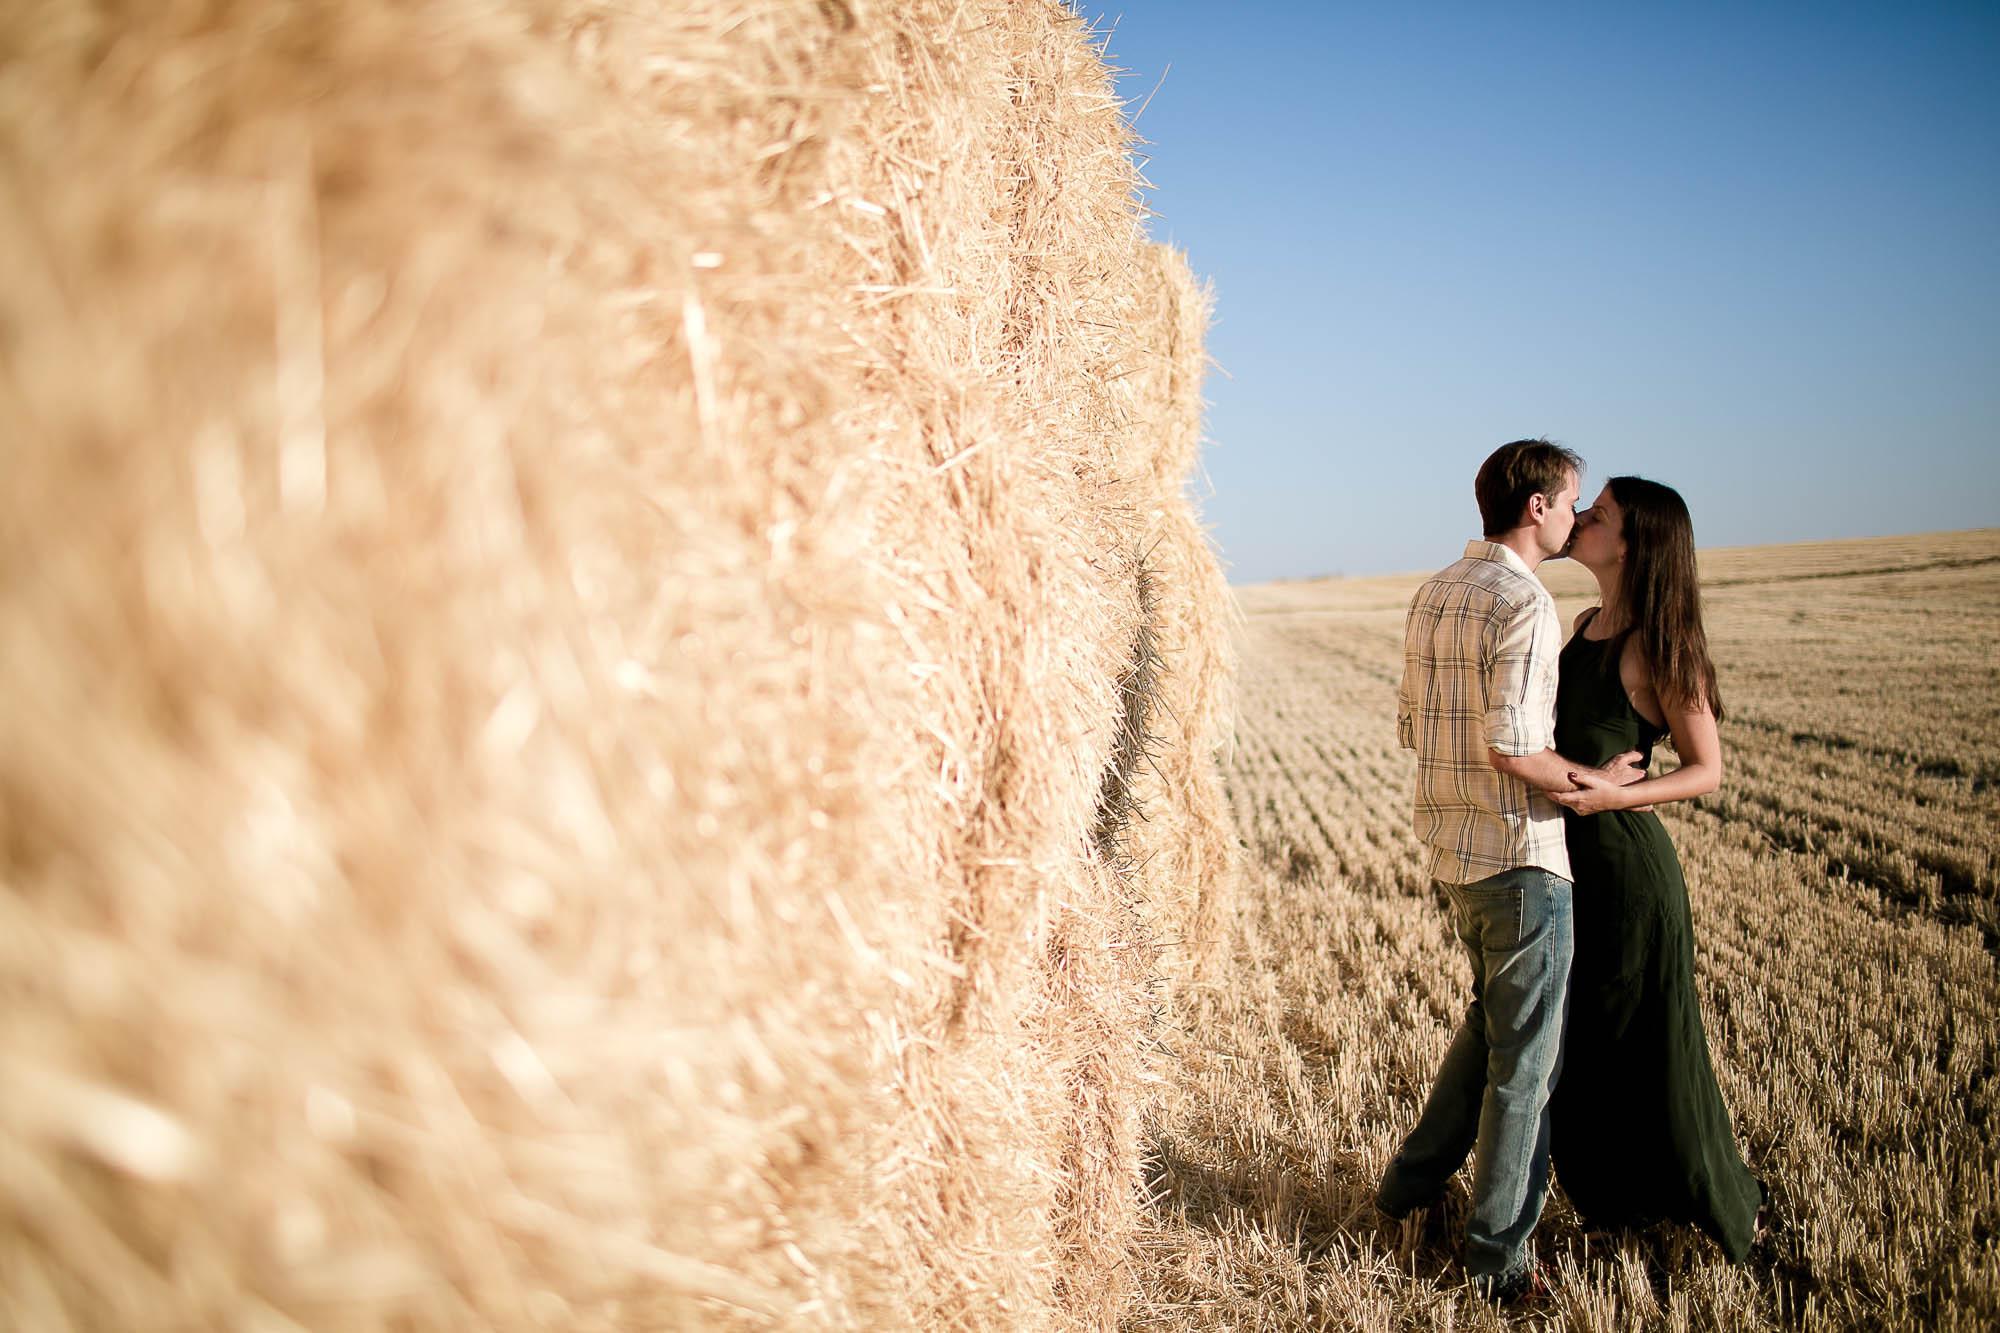 Ellos se besan junto a la montaña de trigo en un día despejado